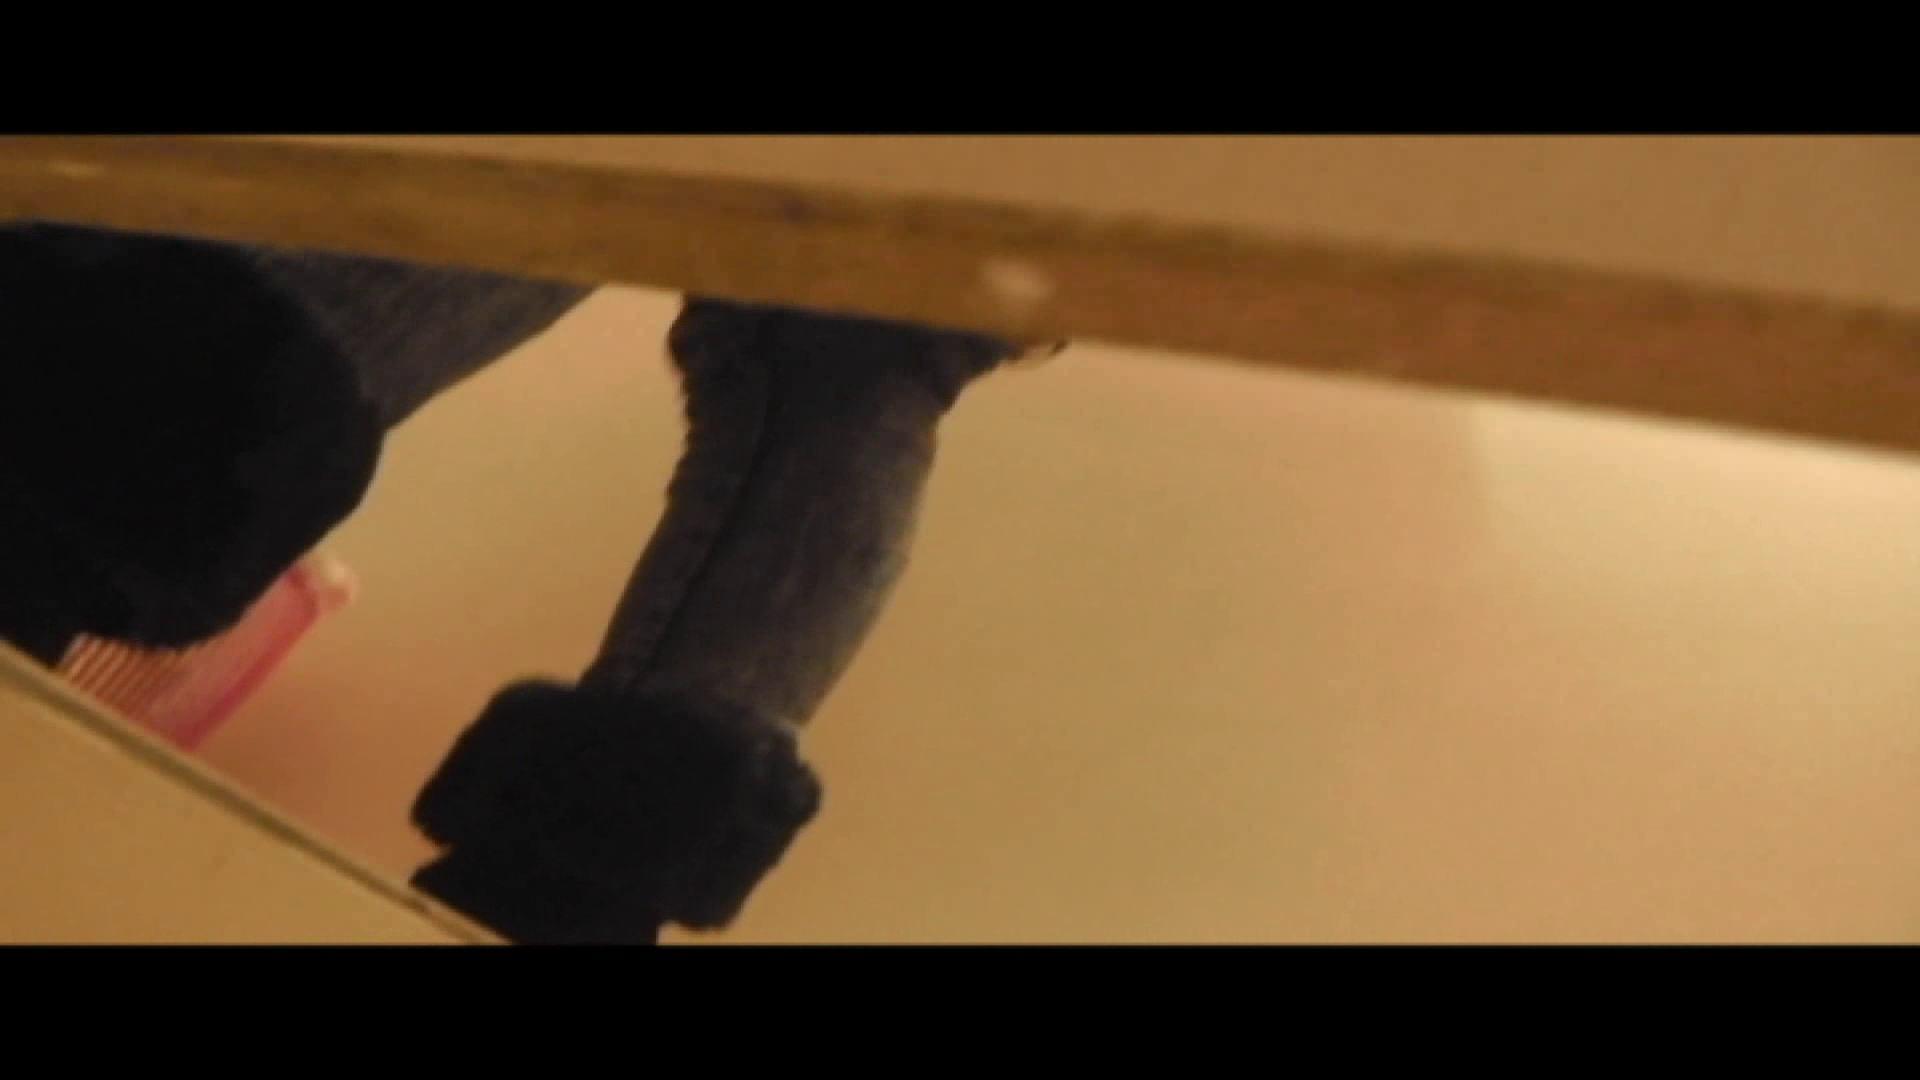 世界の射窓から vol.30 巨乳 すけべAV動画紹介 99枚 43